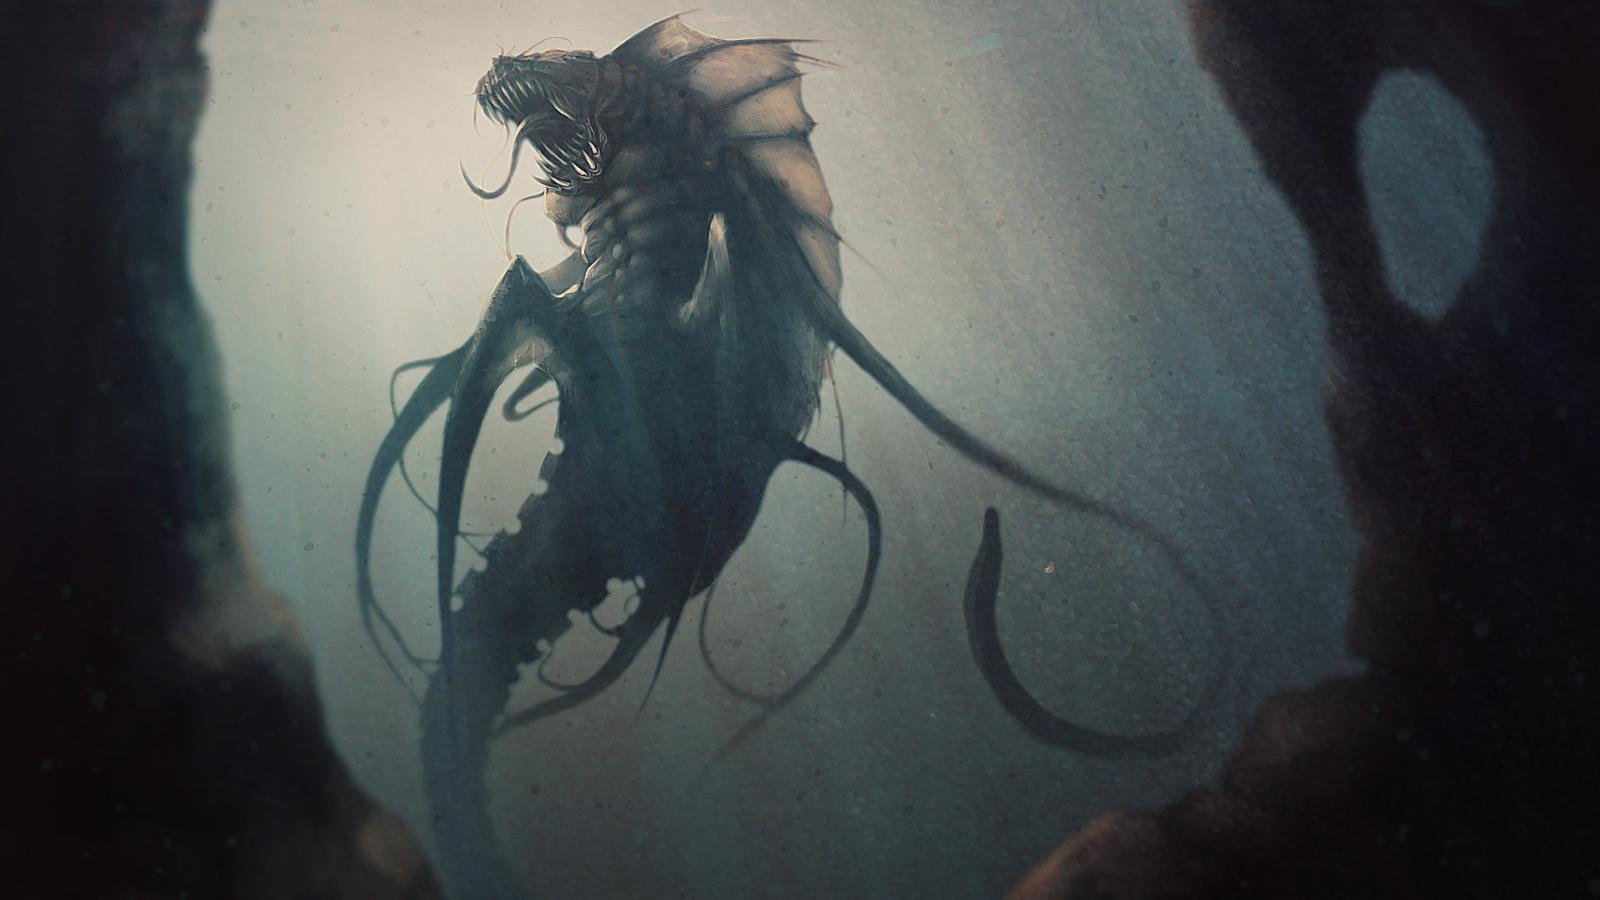 Strange things lurk below the waves...